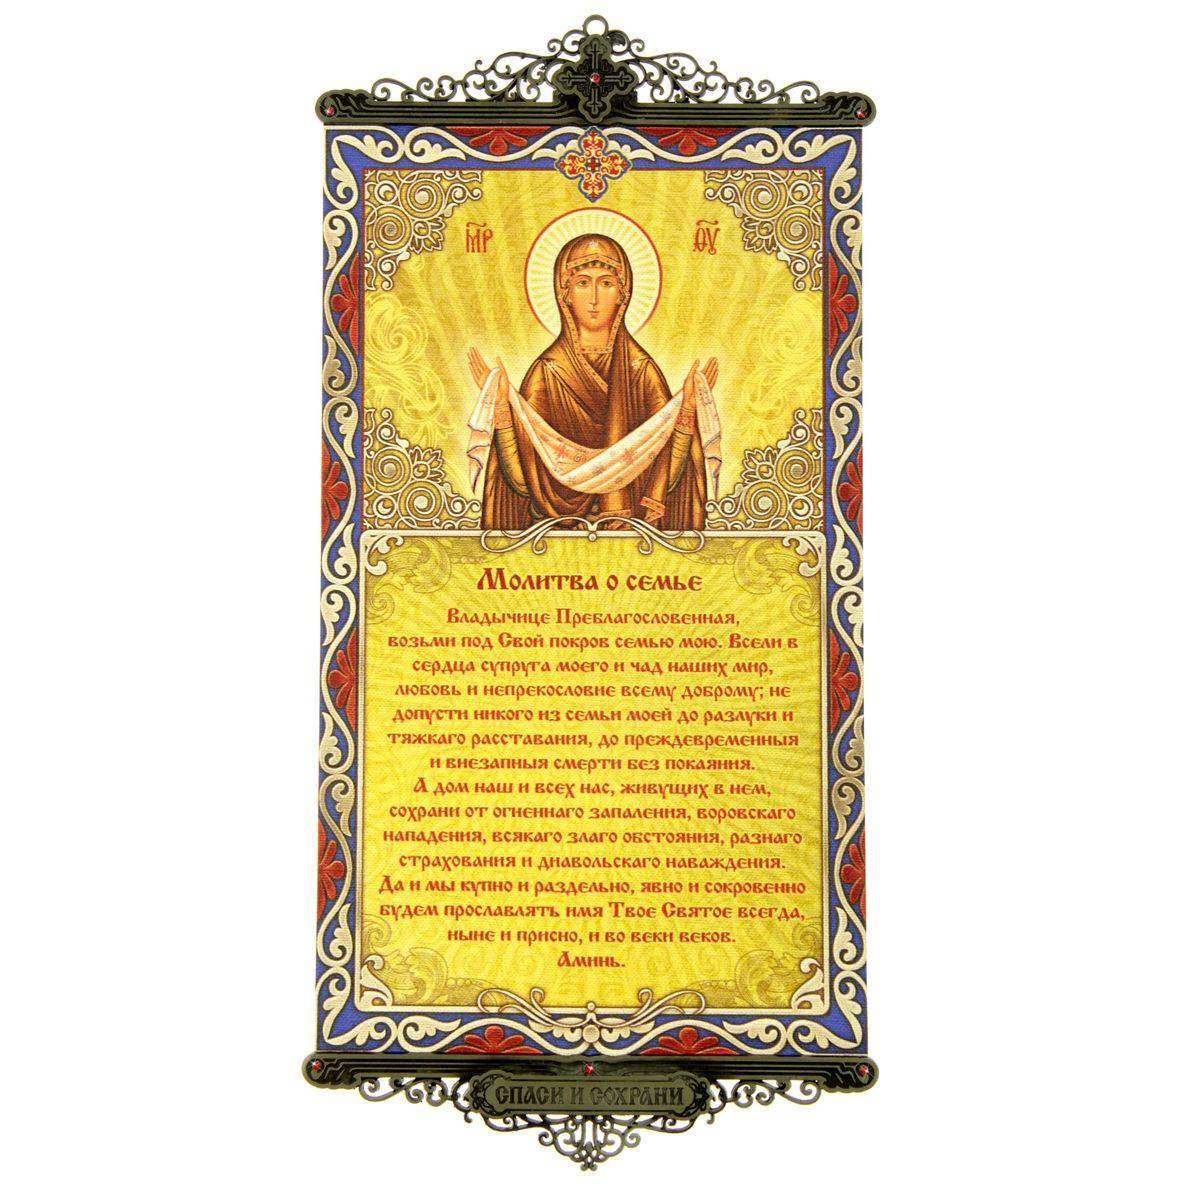 Икона с молитвой Молитва о семье, на подвесахFS-80299Икона с молитвой Молитва о семье выполнена из плотного текстиля с нанесенным цветным рисунком, края декорированы ажурными металлическими вставками со стразами. Цветовая гамма и интерьер влияют на настроение каждого, именно поэтому так важны детали, которые нас окружают. Знатоки интерьерных решений стараются применять самые разнообразные решения при художественном оформлении внутреннего пространства и использовать все возможные материалы. Икона с молитвой на подвесах - это хорошее решение для интерьера по выгодной цене!